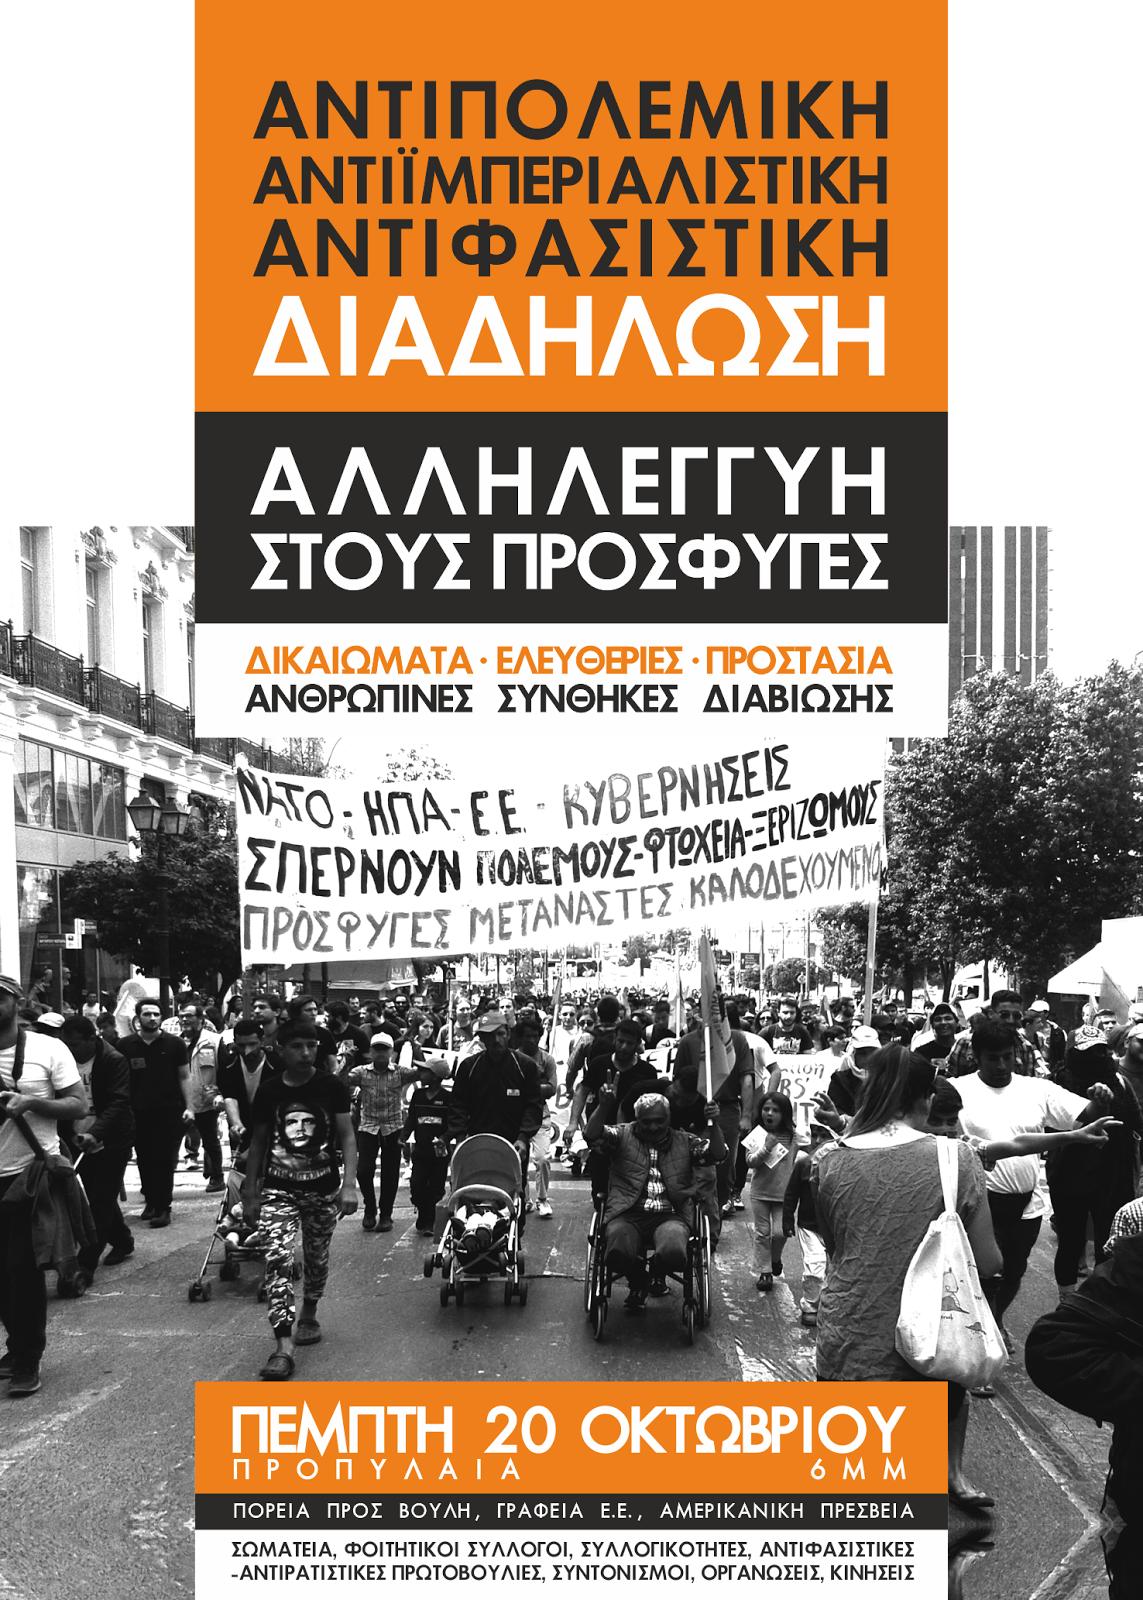 Πέμπτη 20/10 Αντιπολεμική-αντιϊμπεριαλιστική-αντιφασιστική διαδήλωση αλληλεγγύης στους πρόσφυγες